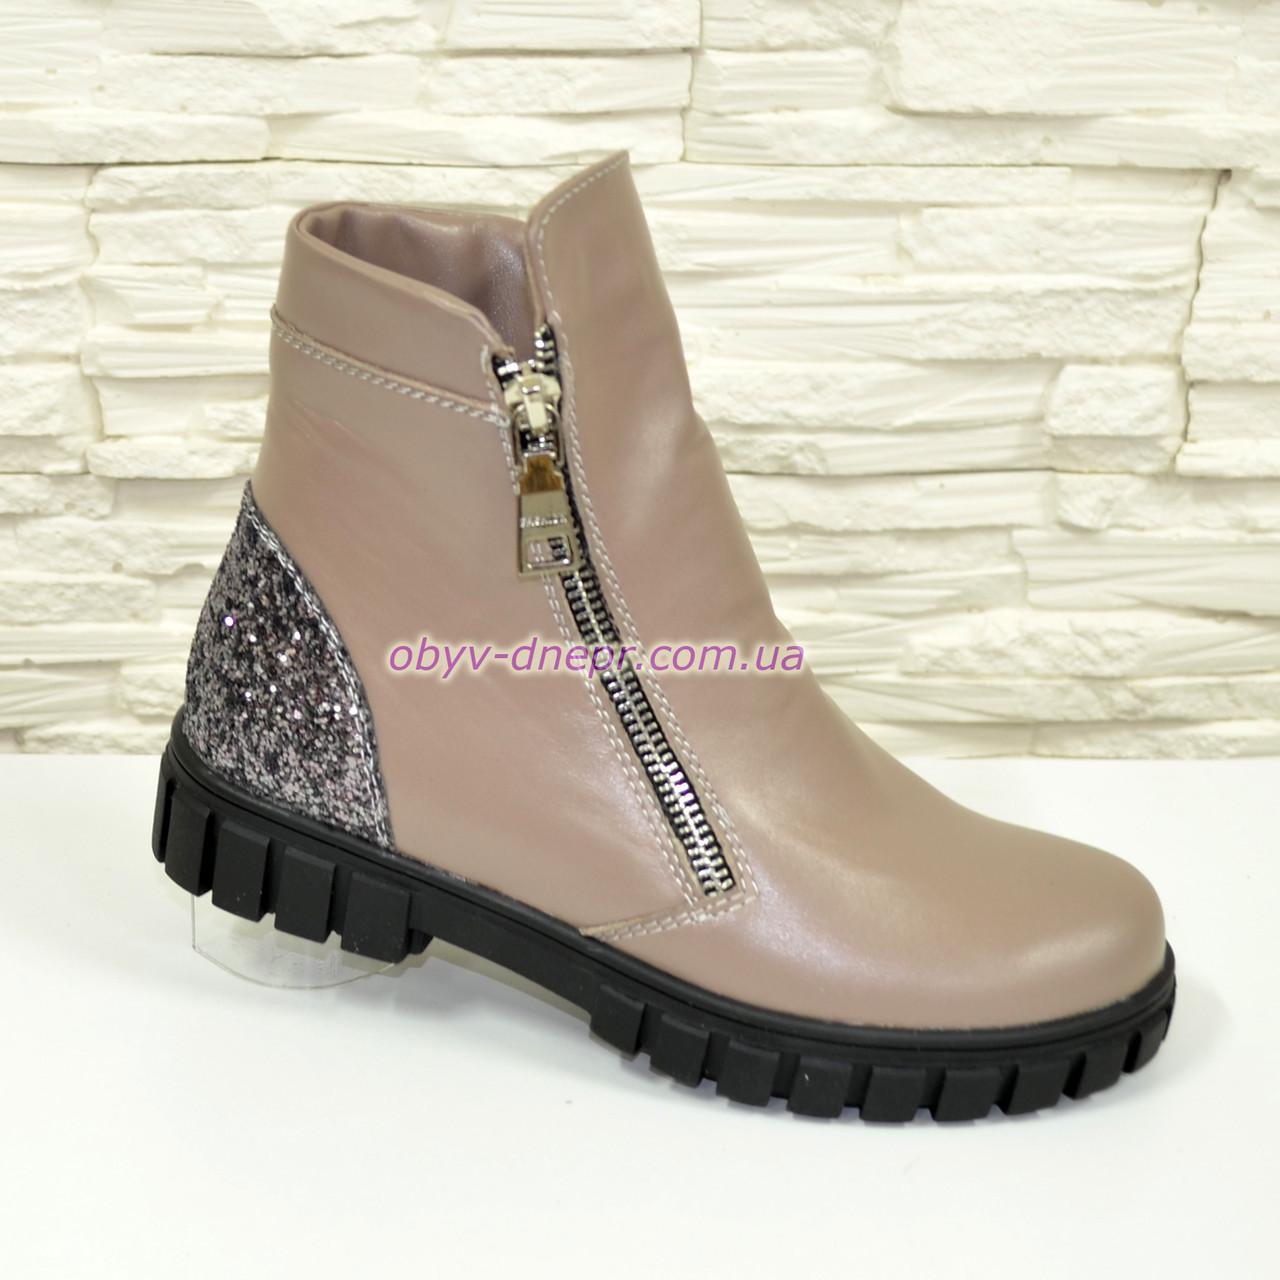 Ботинки кожаные для девочки на утолщённой подошве. Цвет визон.